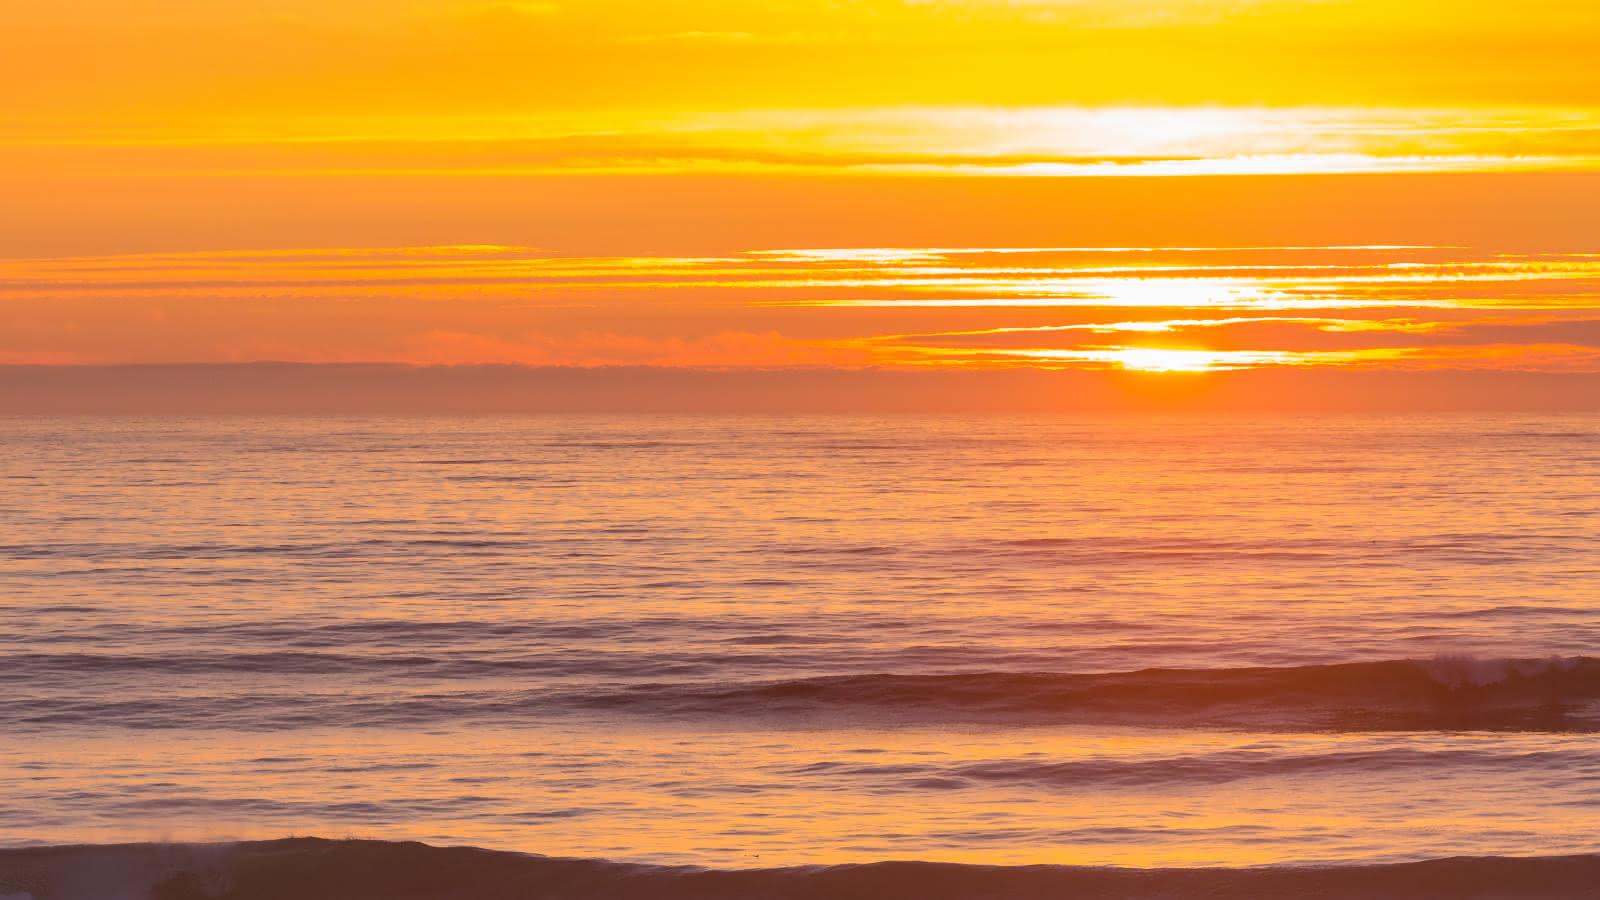 المحيط الأطلسي يسجل أعلى درجات للحرارة منذ 3 آلاف عام